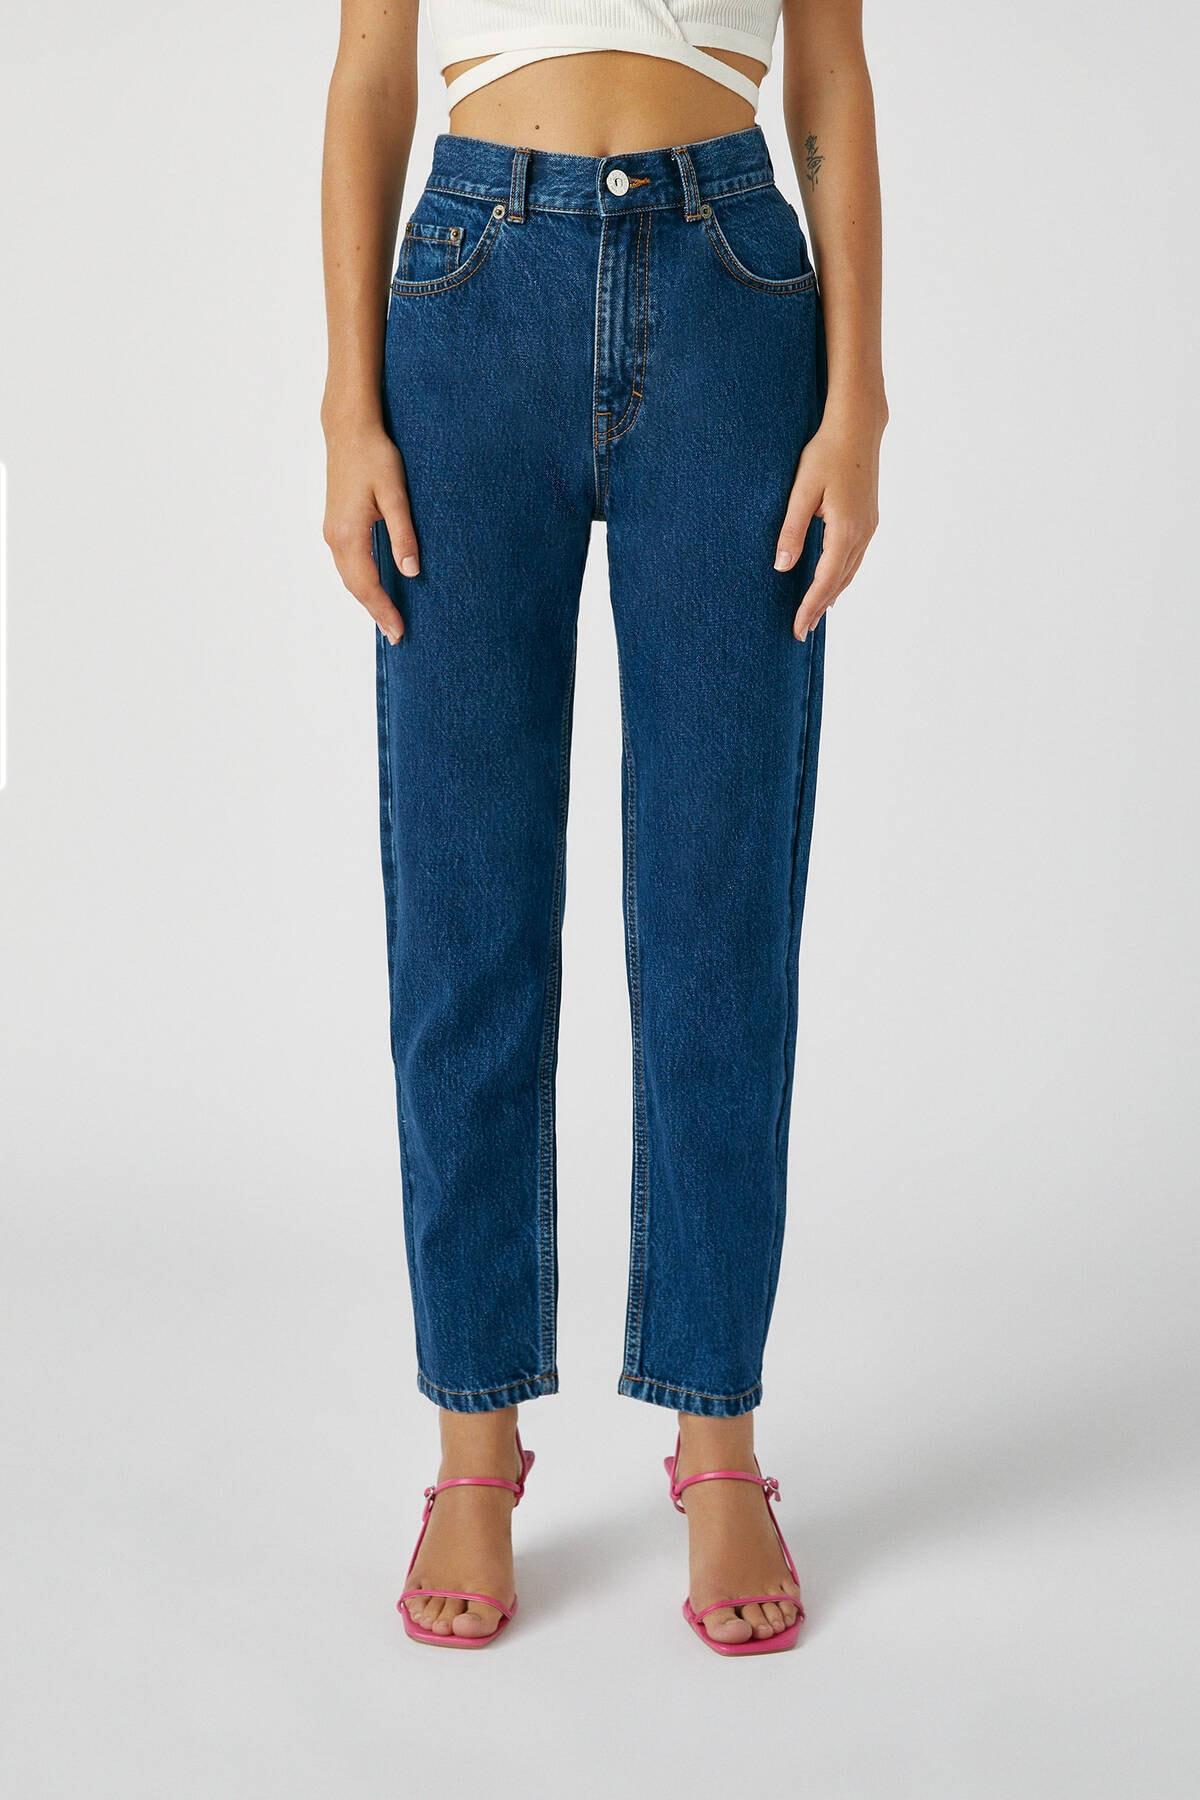 Pull & Bear Kadın Koyu Mavi Basic Mom Fit Jean 09683320 2